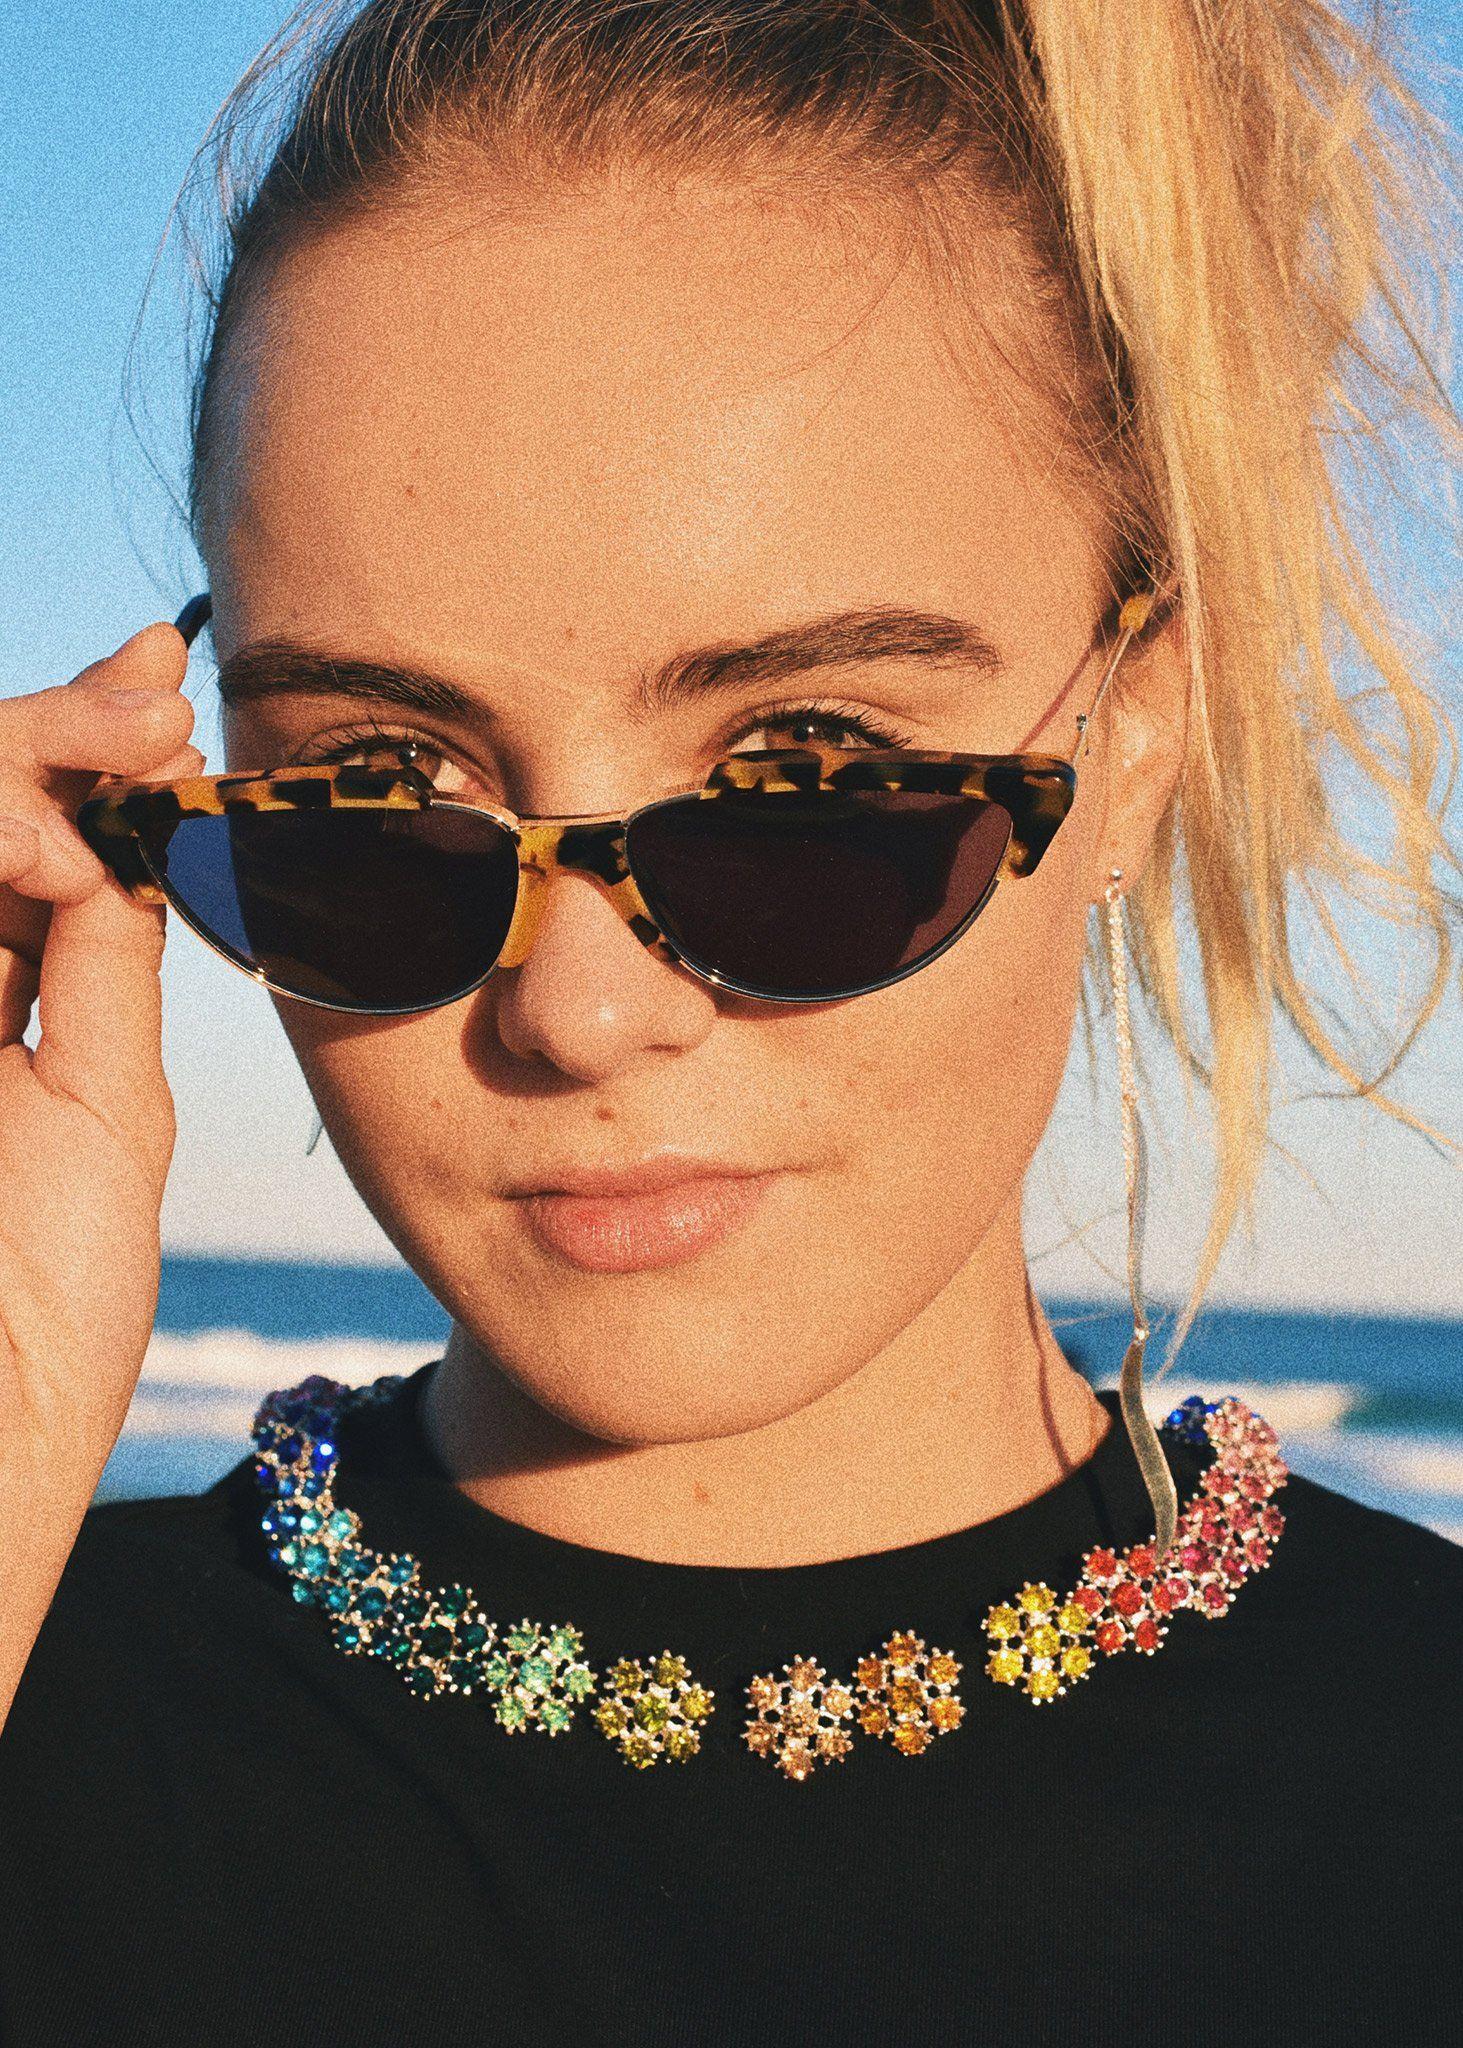 5d28002db58 Tropics Sunglasses by Karen Walker at Dead Pretty